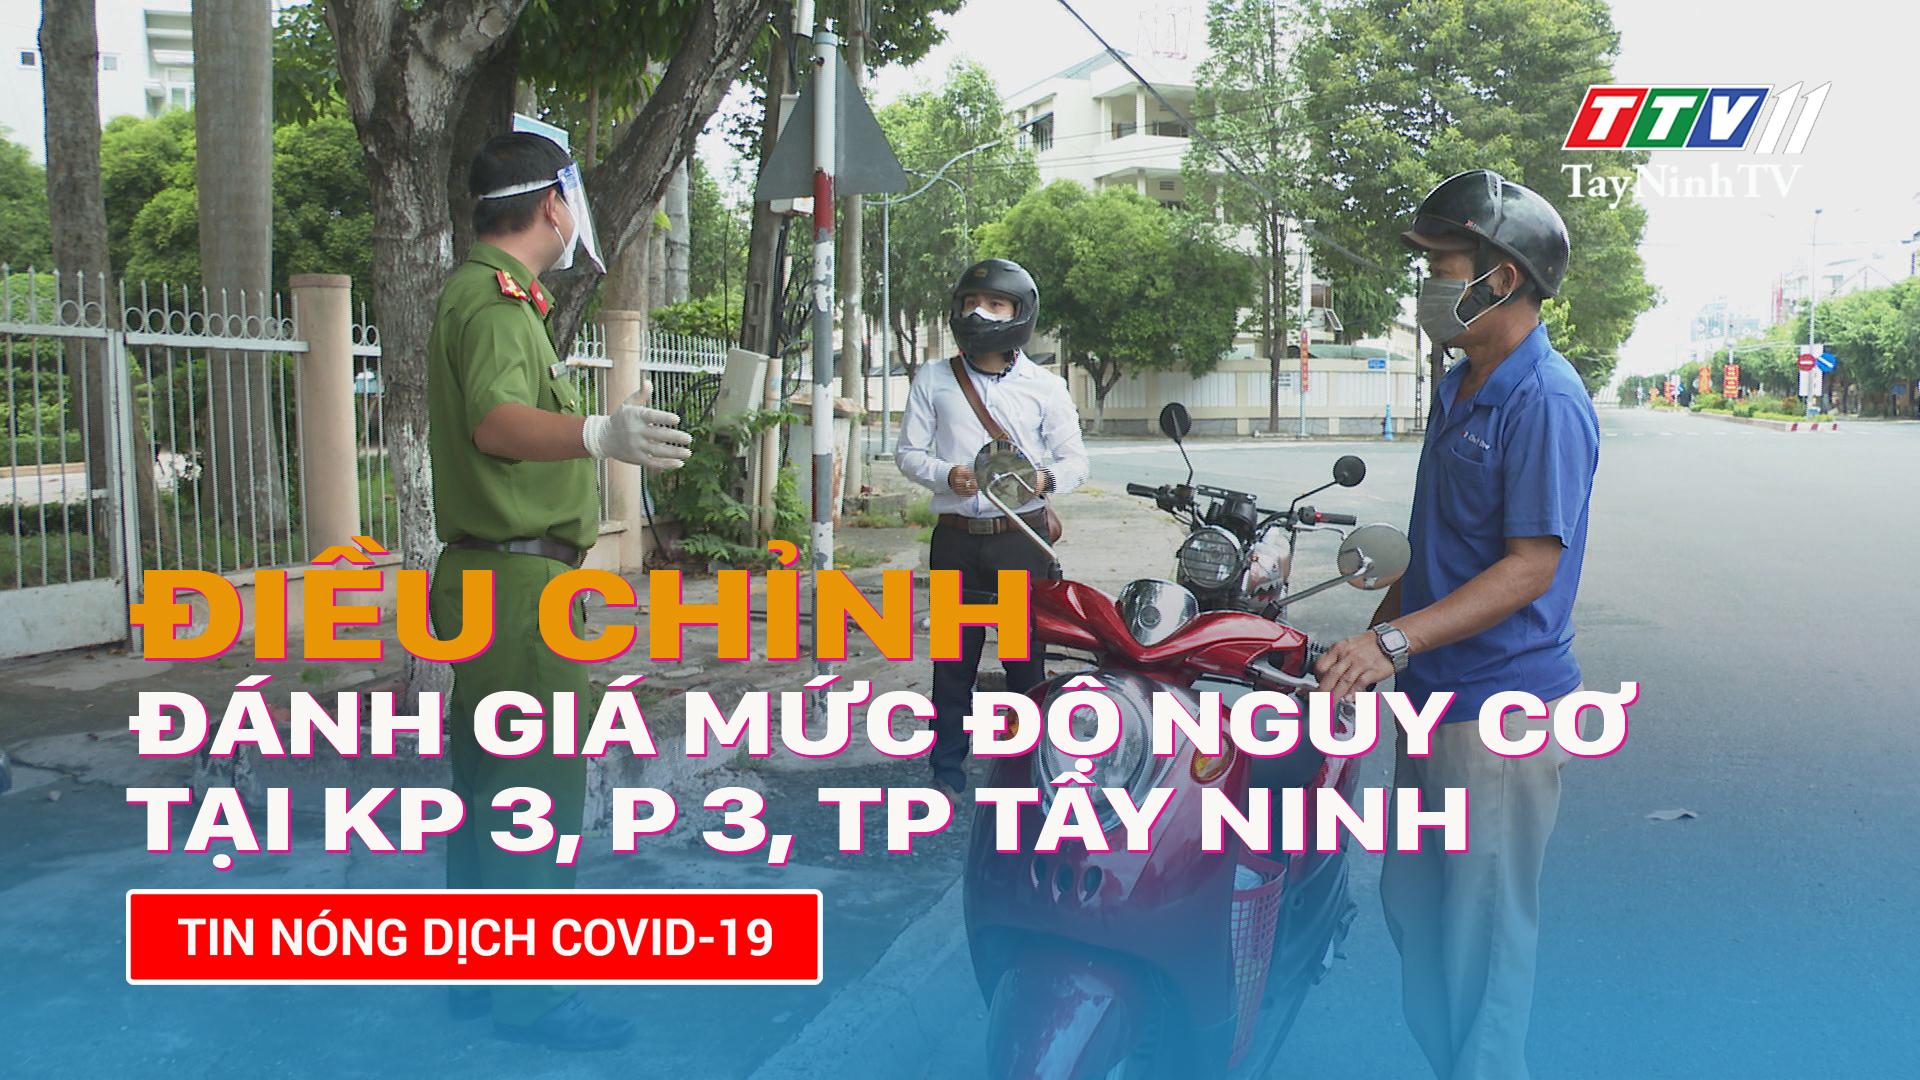 Điều chỉnh việc đánh giá mức độ nguy cơ tại Khu phố 3, Phường 3, Thành phố Tây Ninh | TayNinhTV